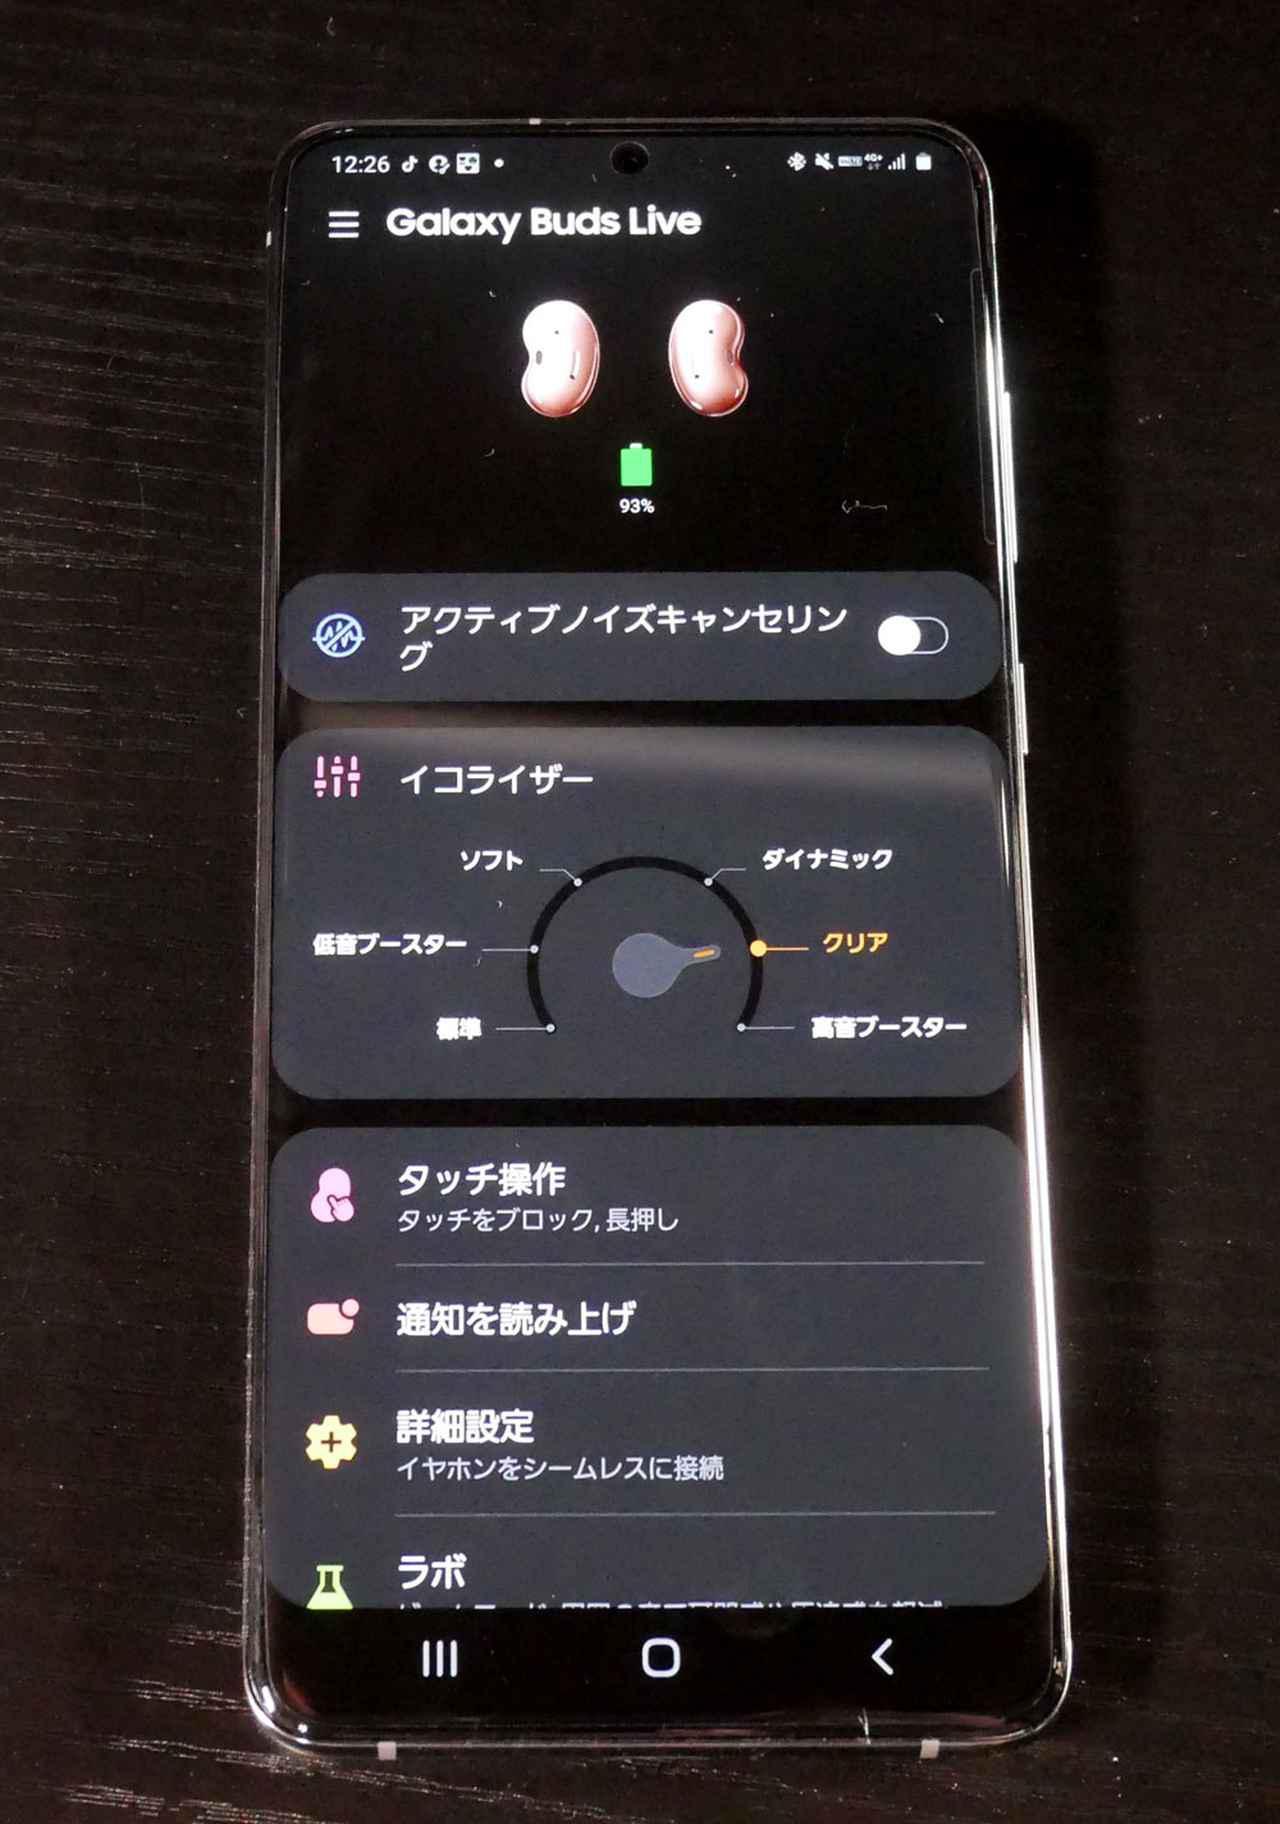 画像: Android用アプリ。中央にプリセットイコライザーの項目が見える